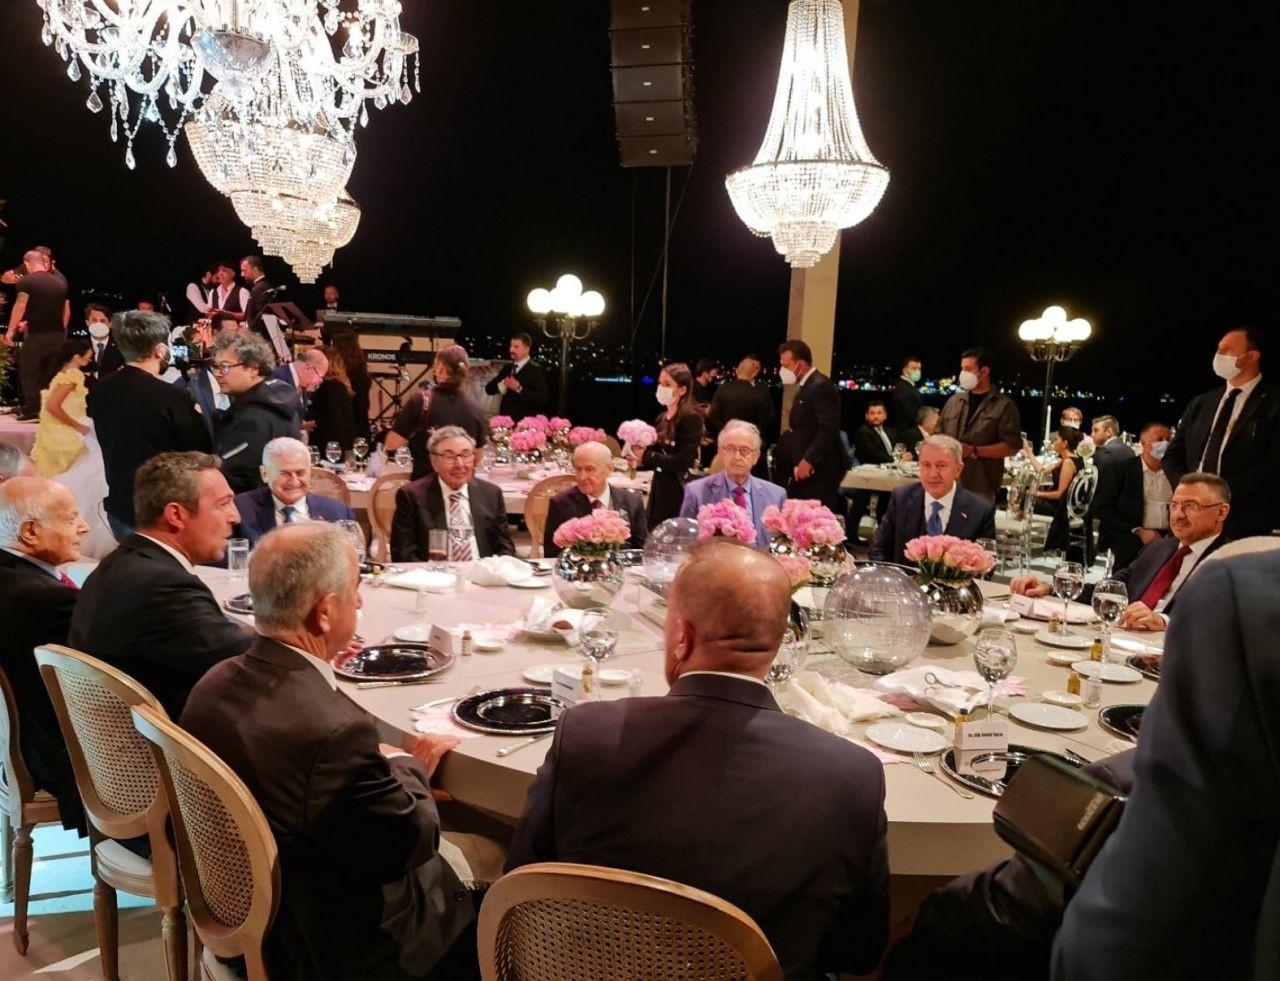 MHP bu fotoğrafları paylaştı: Aydın Doğan, Binali Yıldırım ve Devlet Bahçeli ile aynı masada! - Sayfa 4